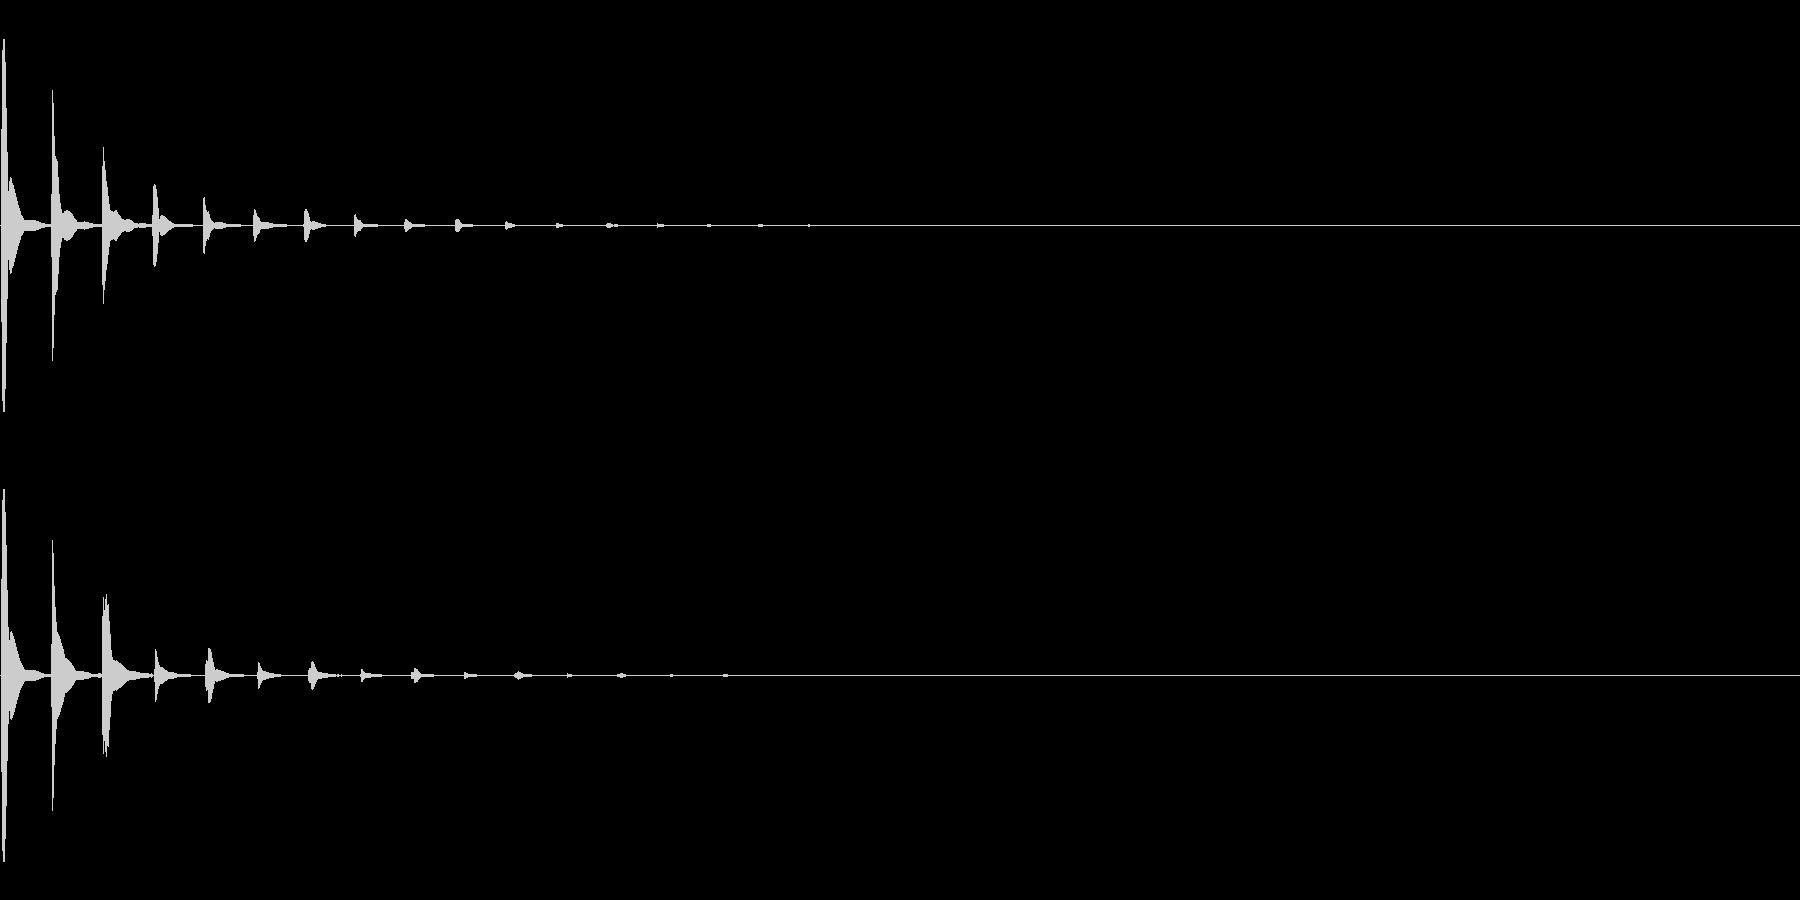 めくる 次へ 注釈 決定 ピコン の未再生の波形